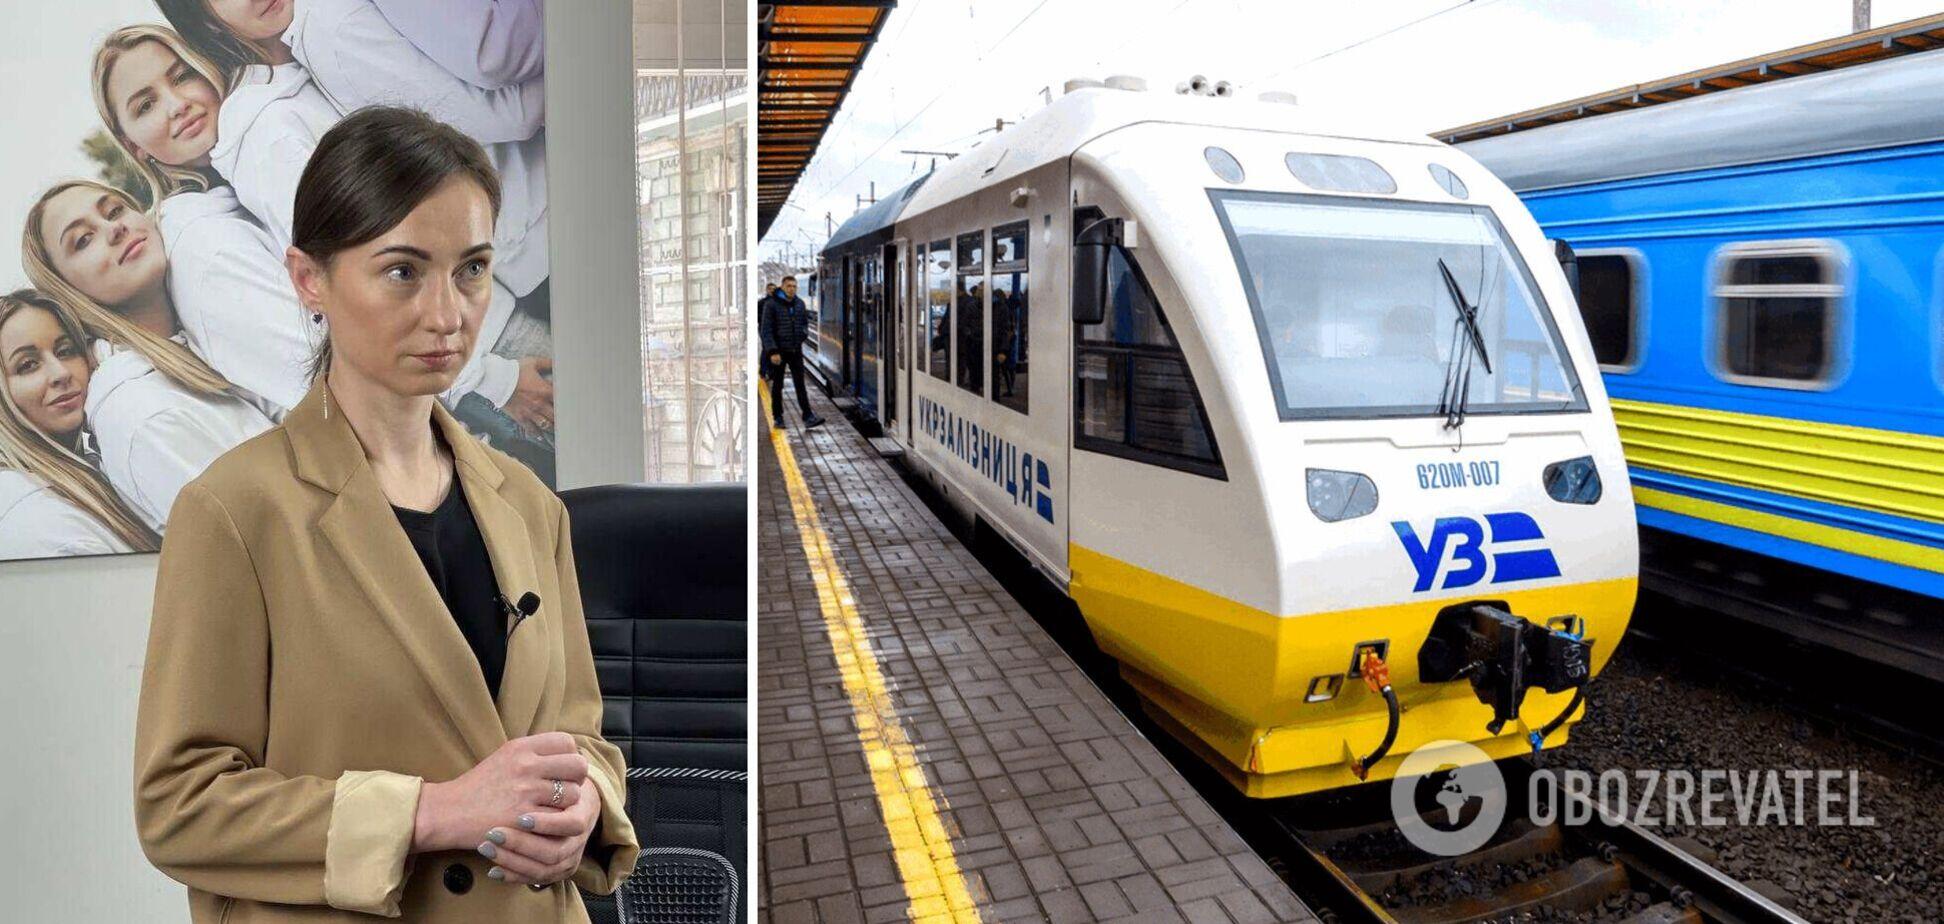 Суслова призвала Минифраструктуры предоставить информацию по повышению безопасности пассажиров в поездах УЗ